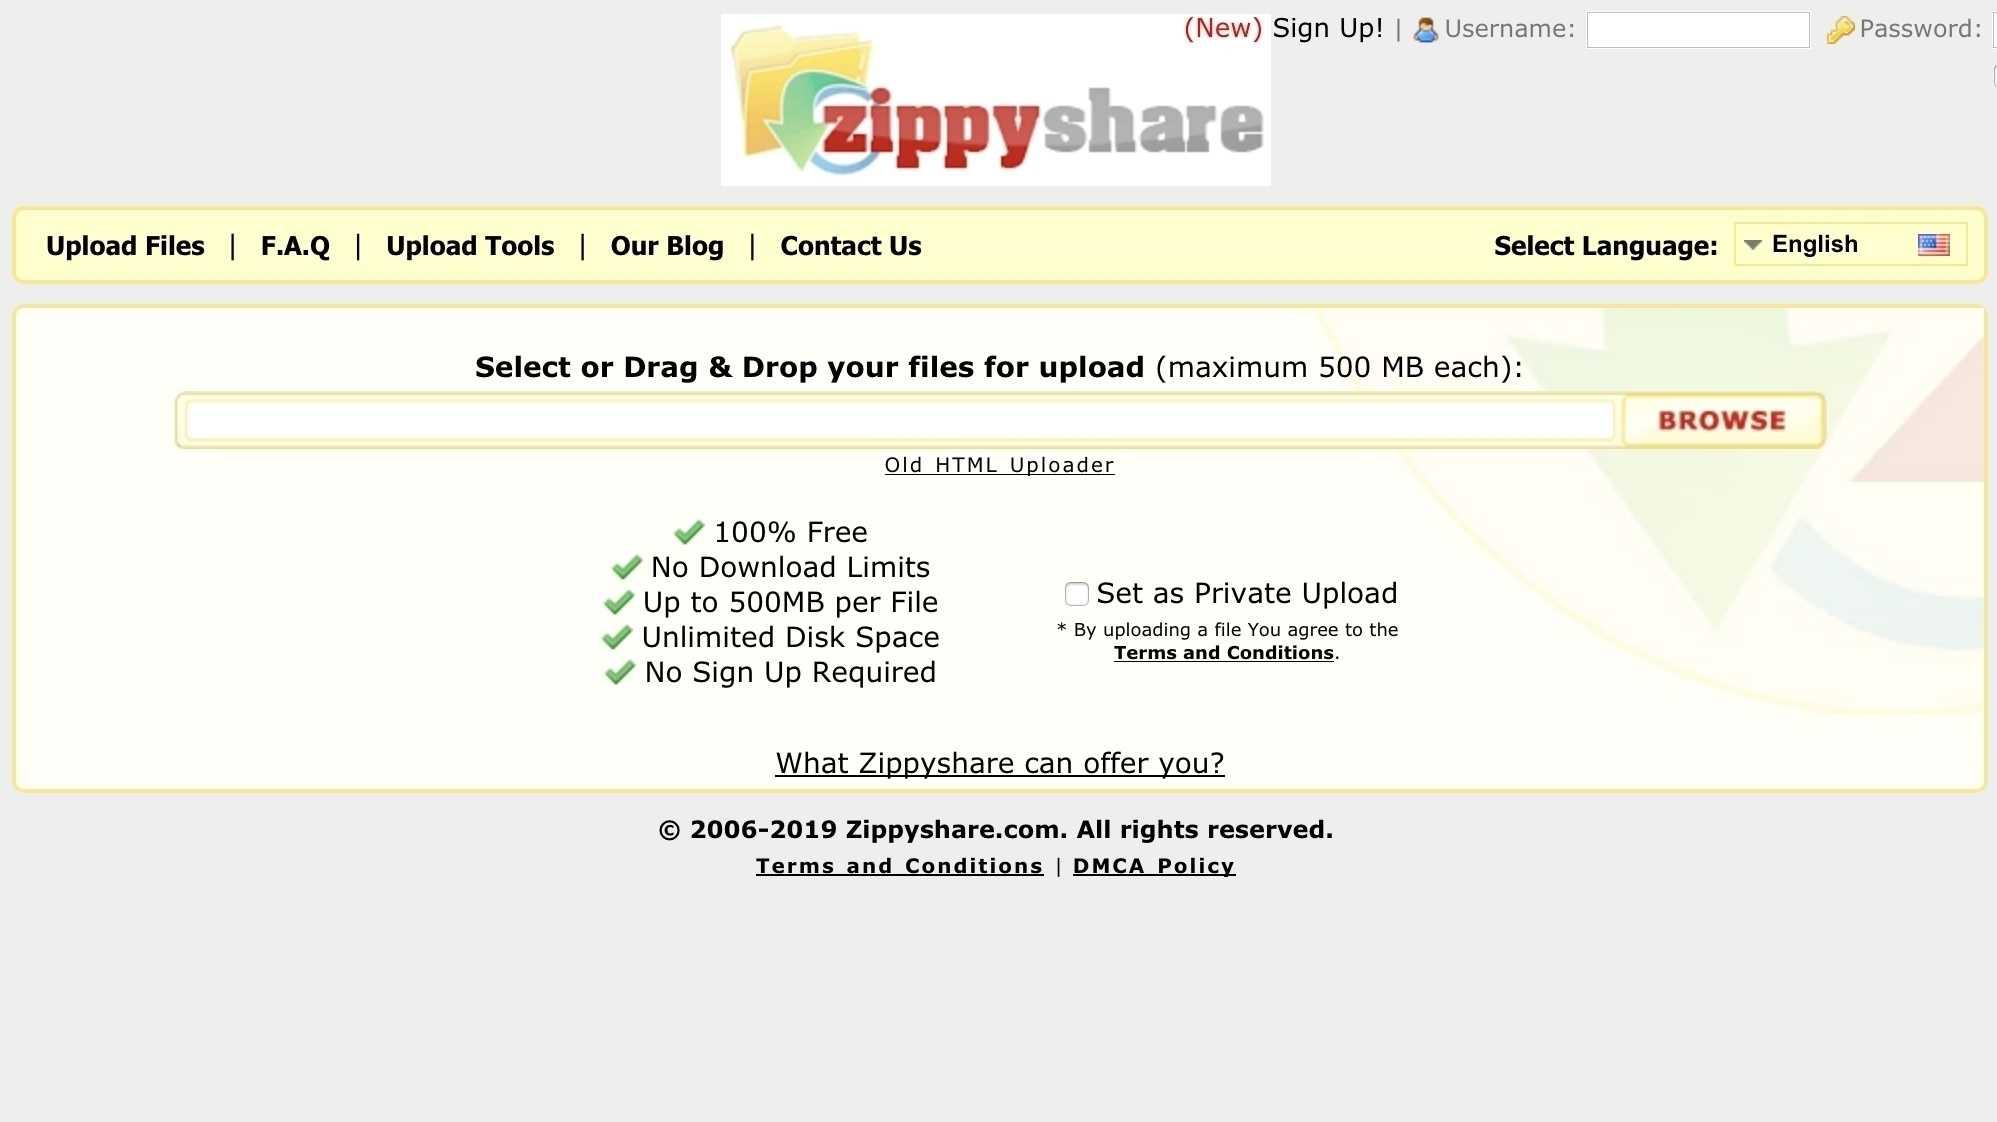 Filehoster Zippyshare sperrt Nutzer in Deutschland aus | heise online